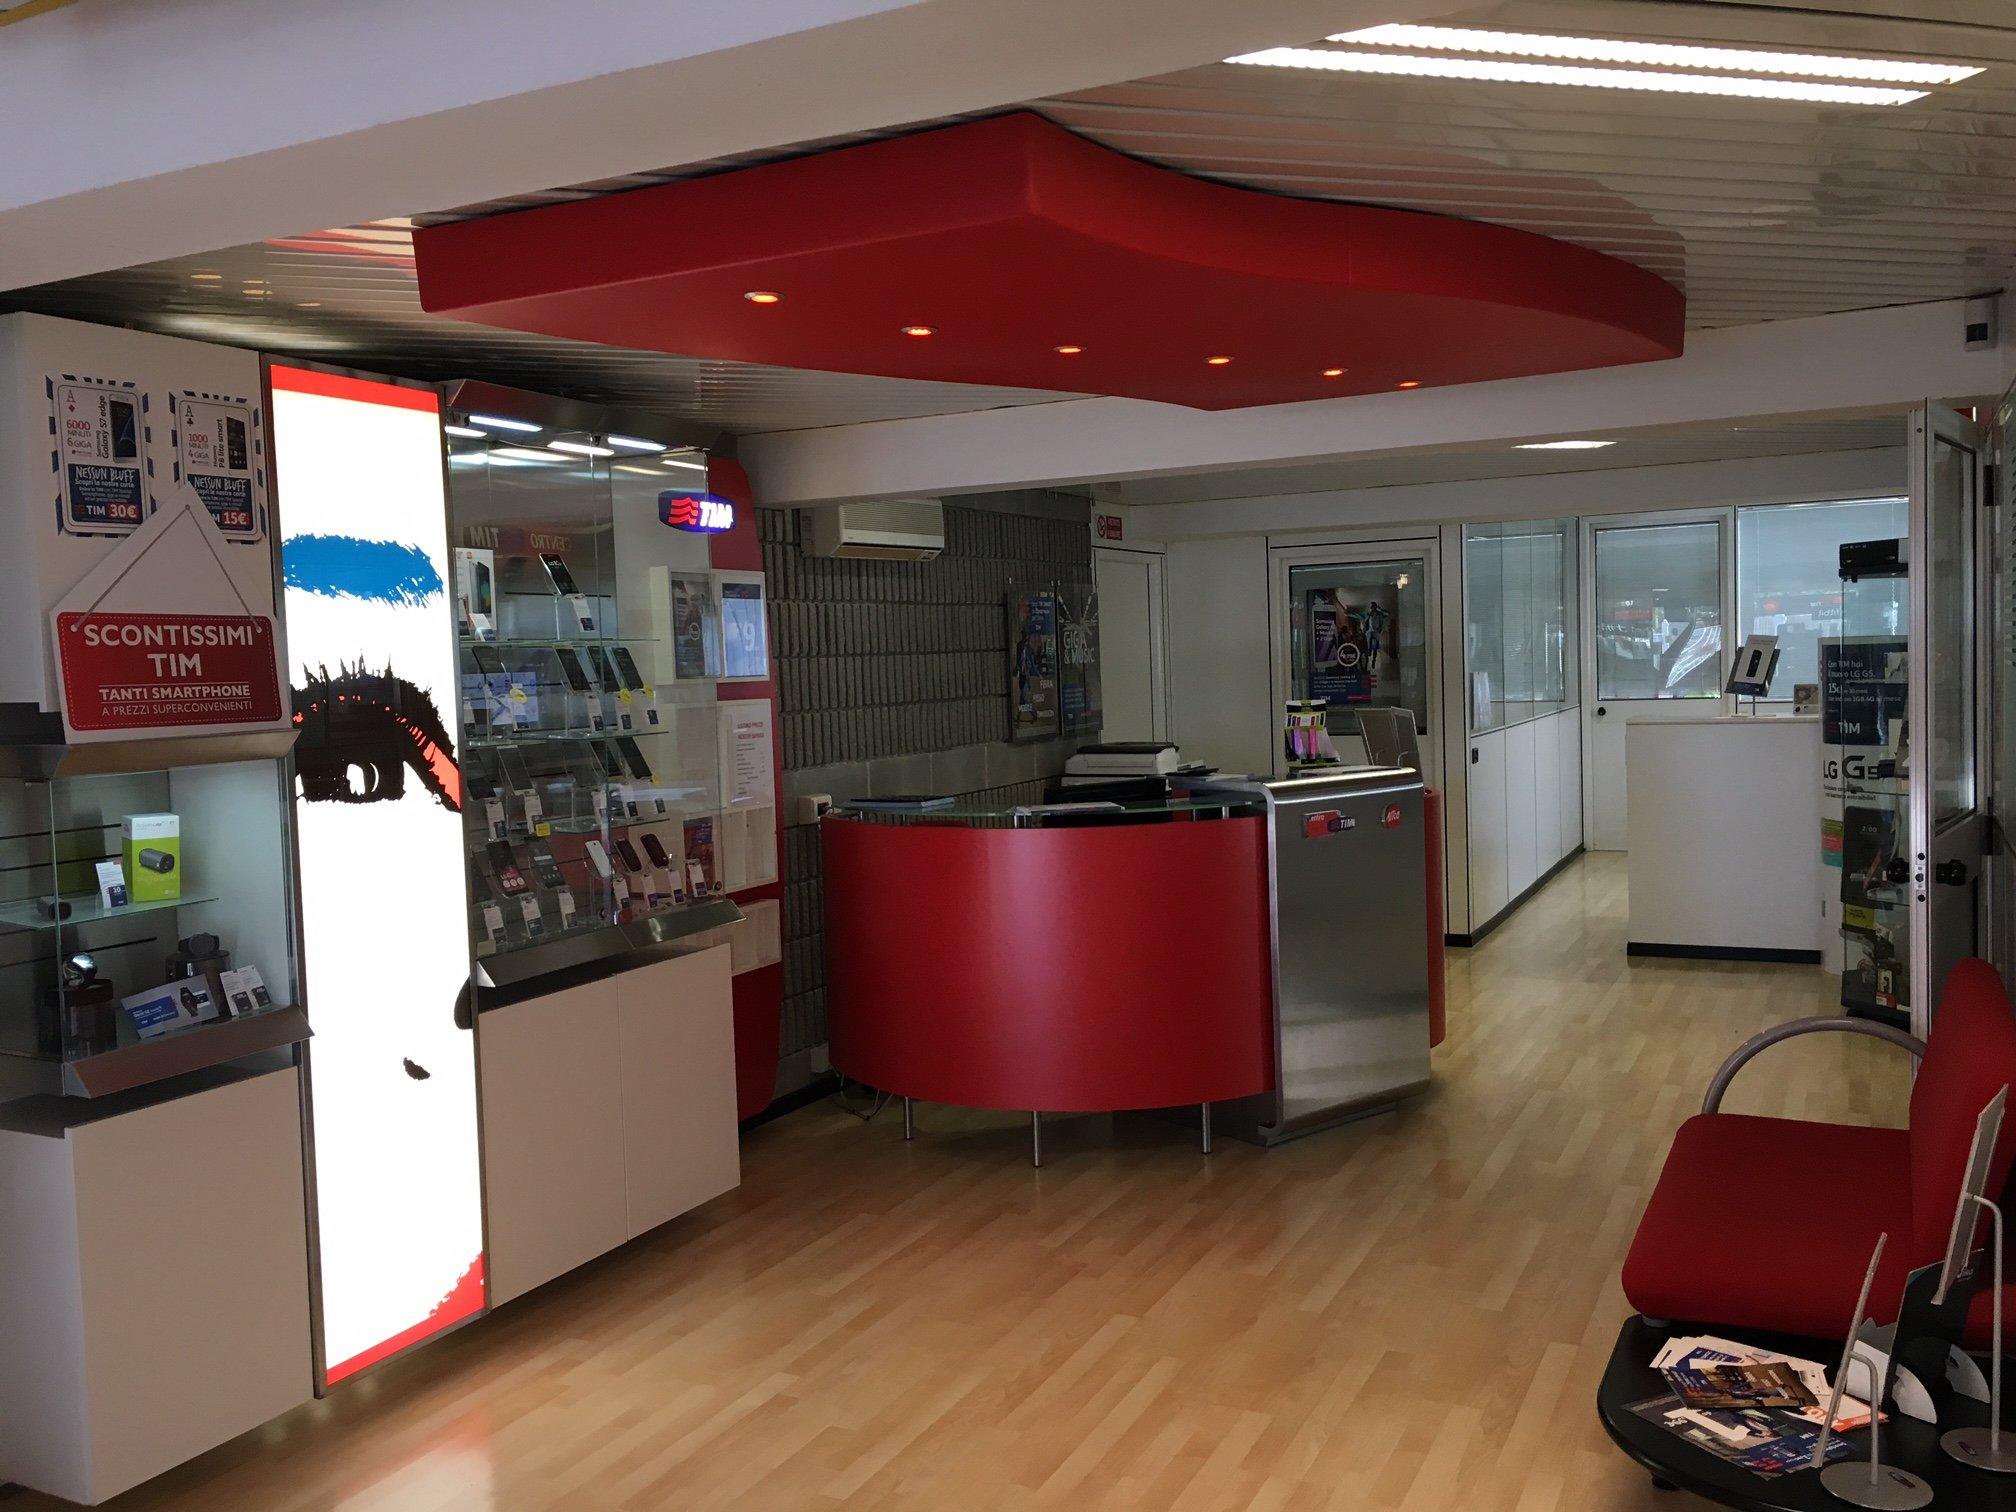 negozio di telefonia con bancone rosso